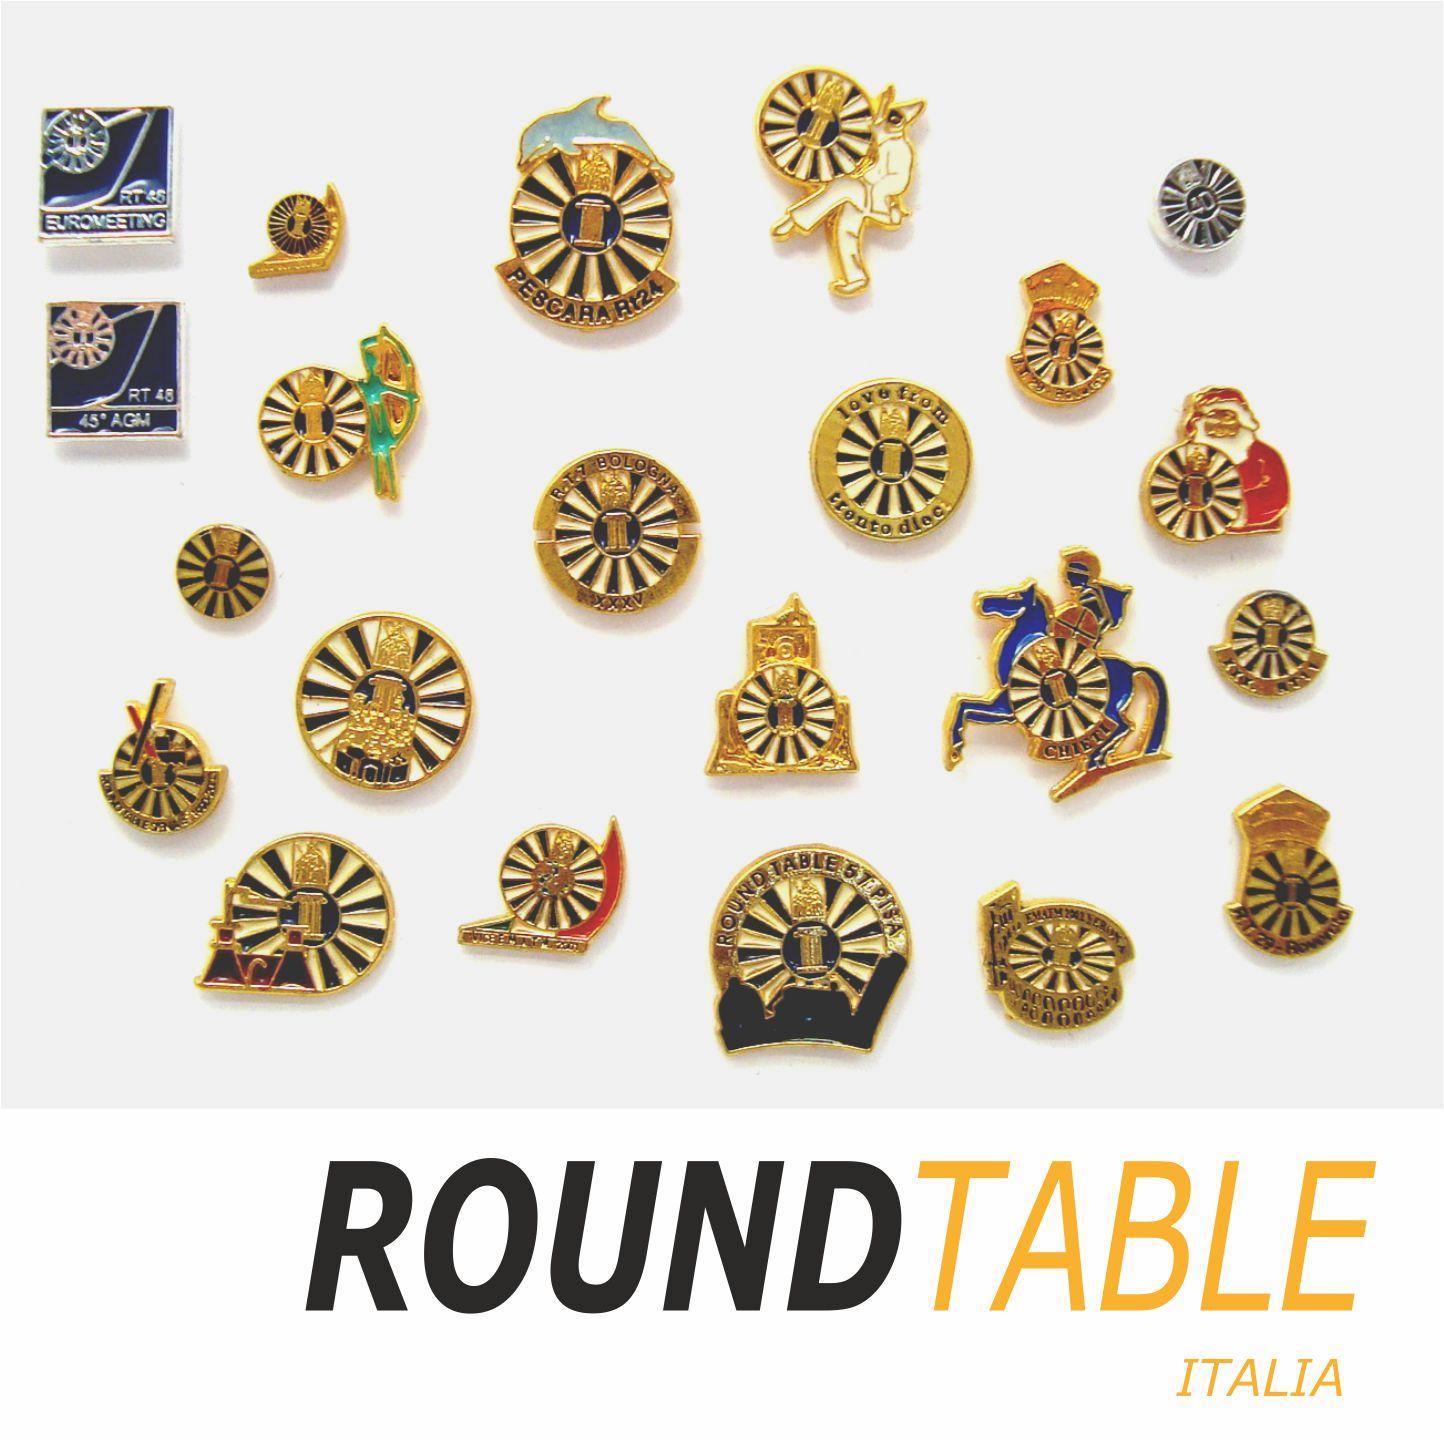 Esempi di distintivi  personalizzati eseguiti in esclusiva per Tavole Round Table